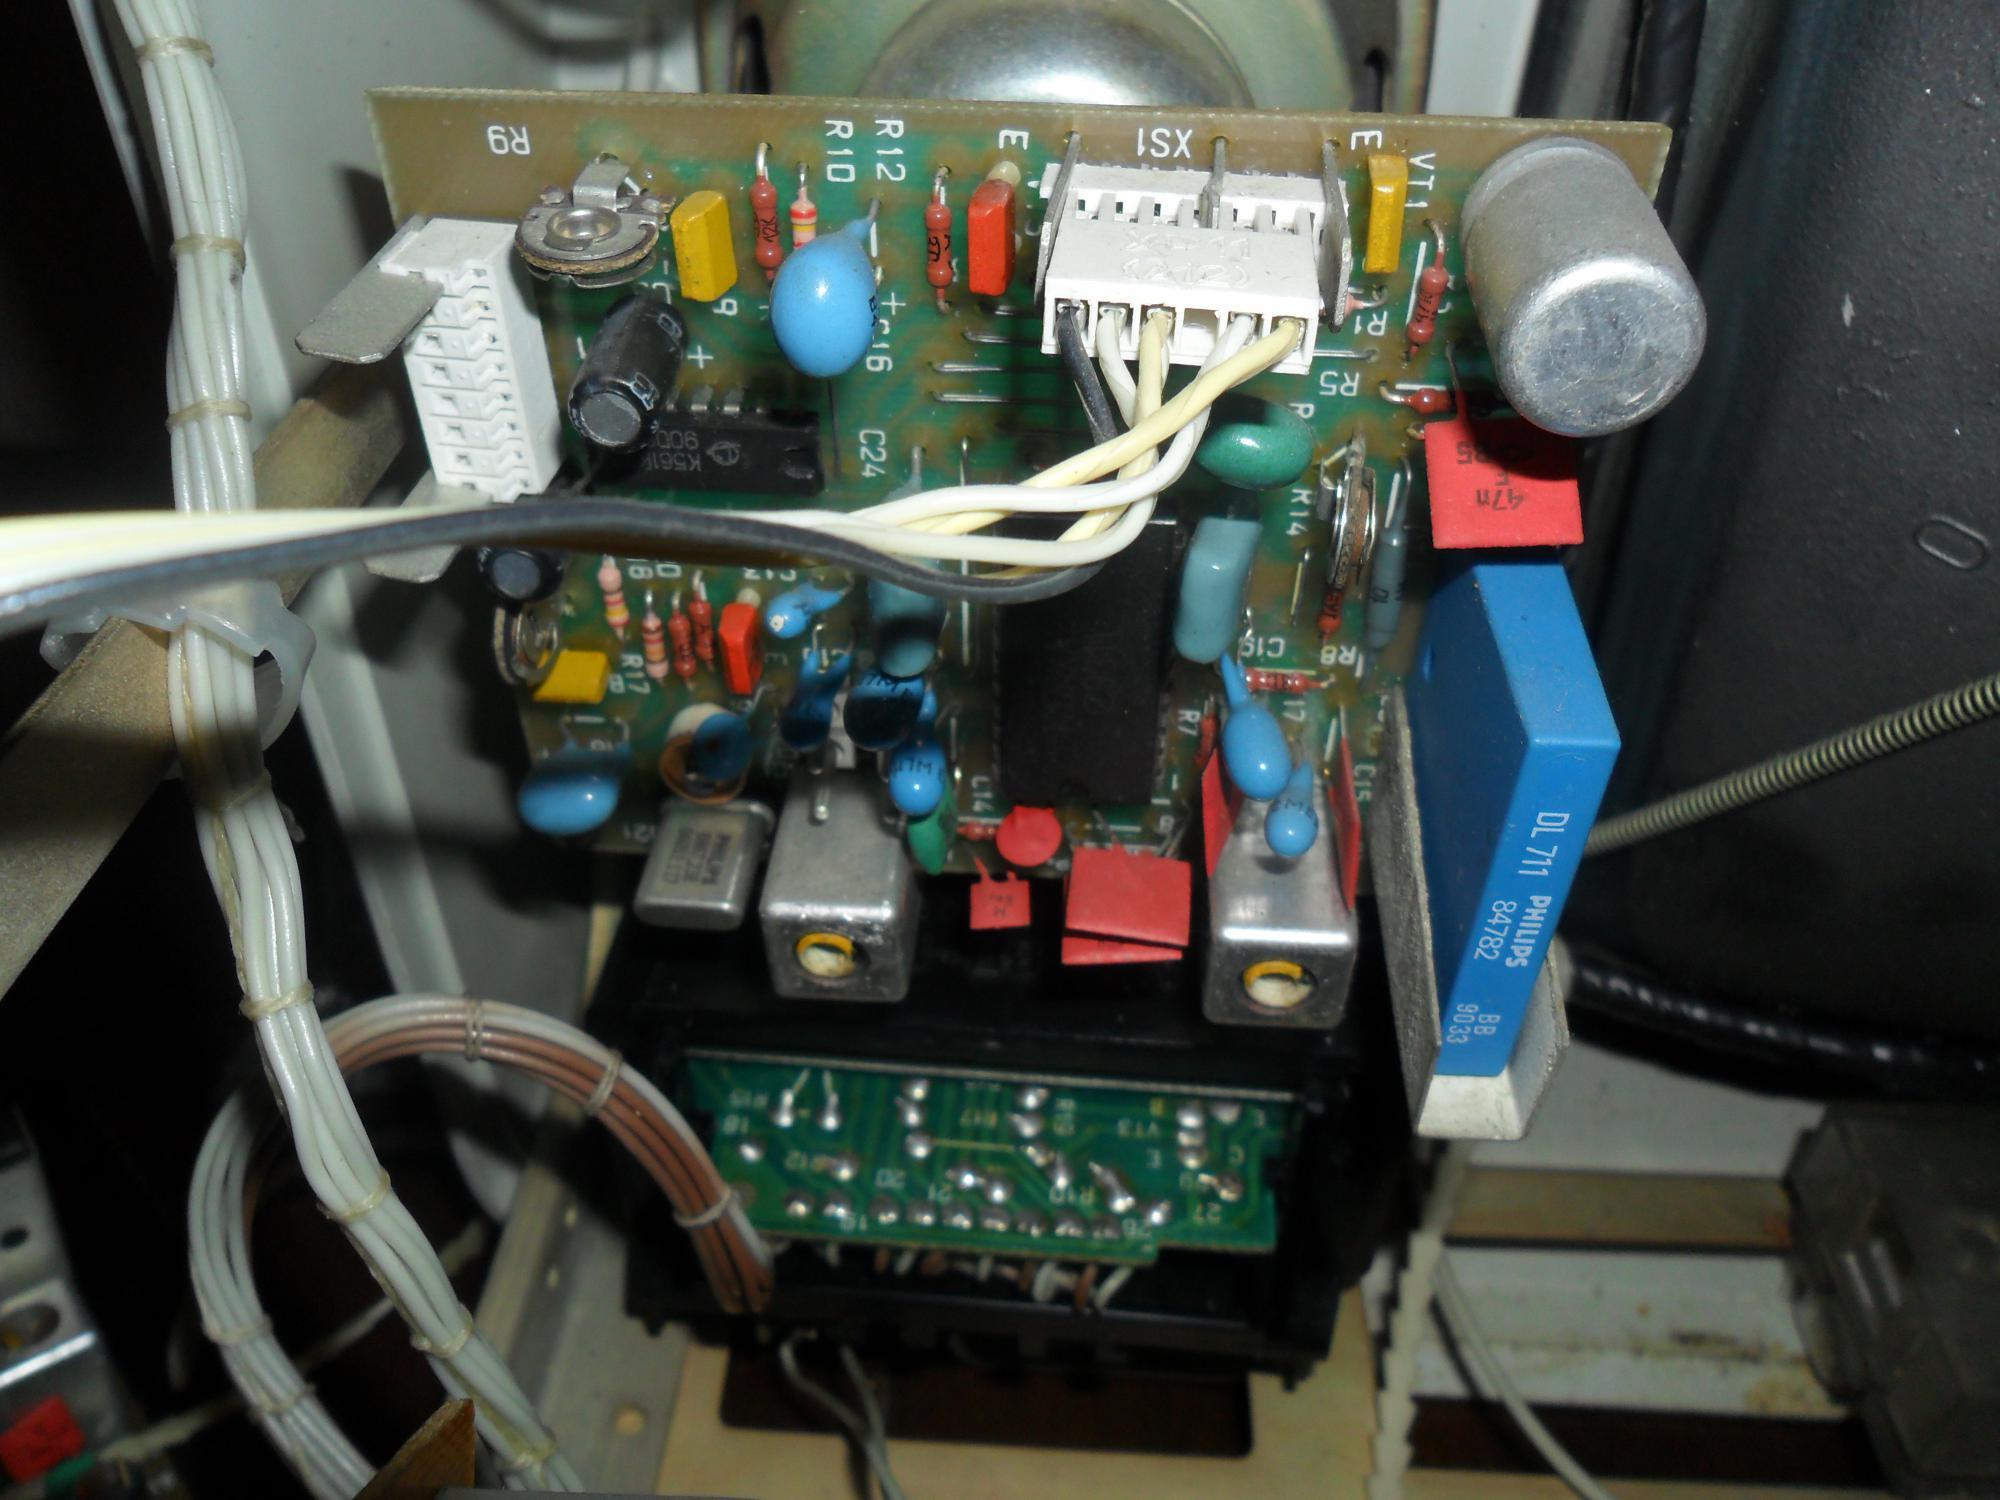 Vga-вход может также работать в бытовом режиме, то есть принимать компонентный цветоразностный видеосигнал